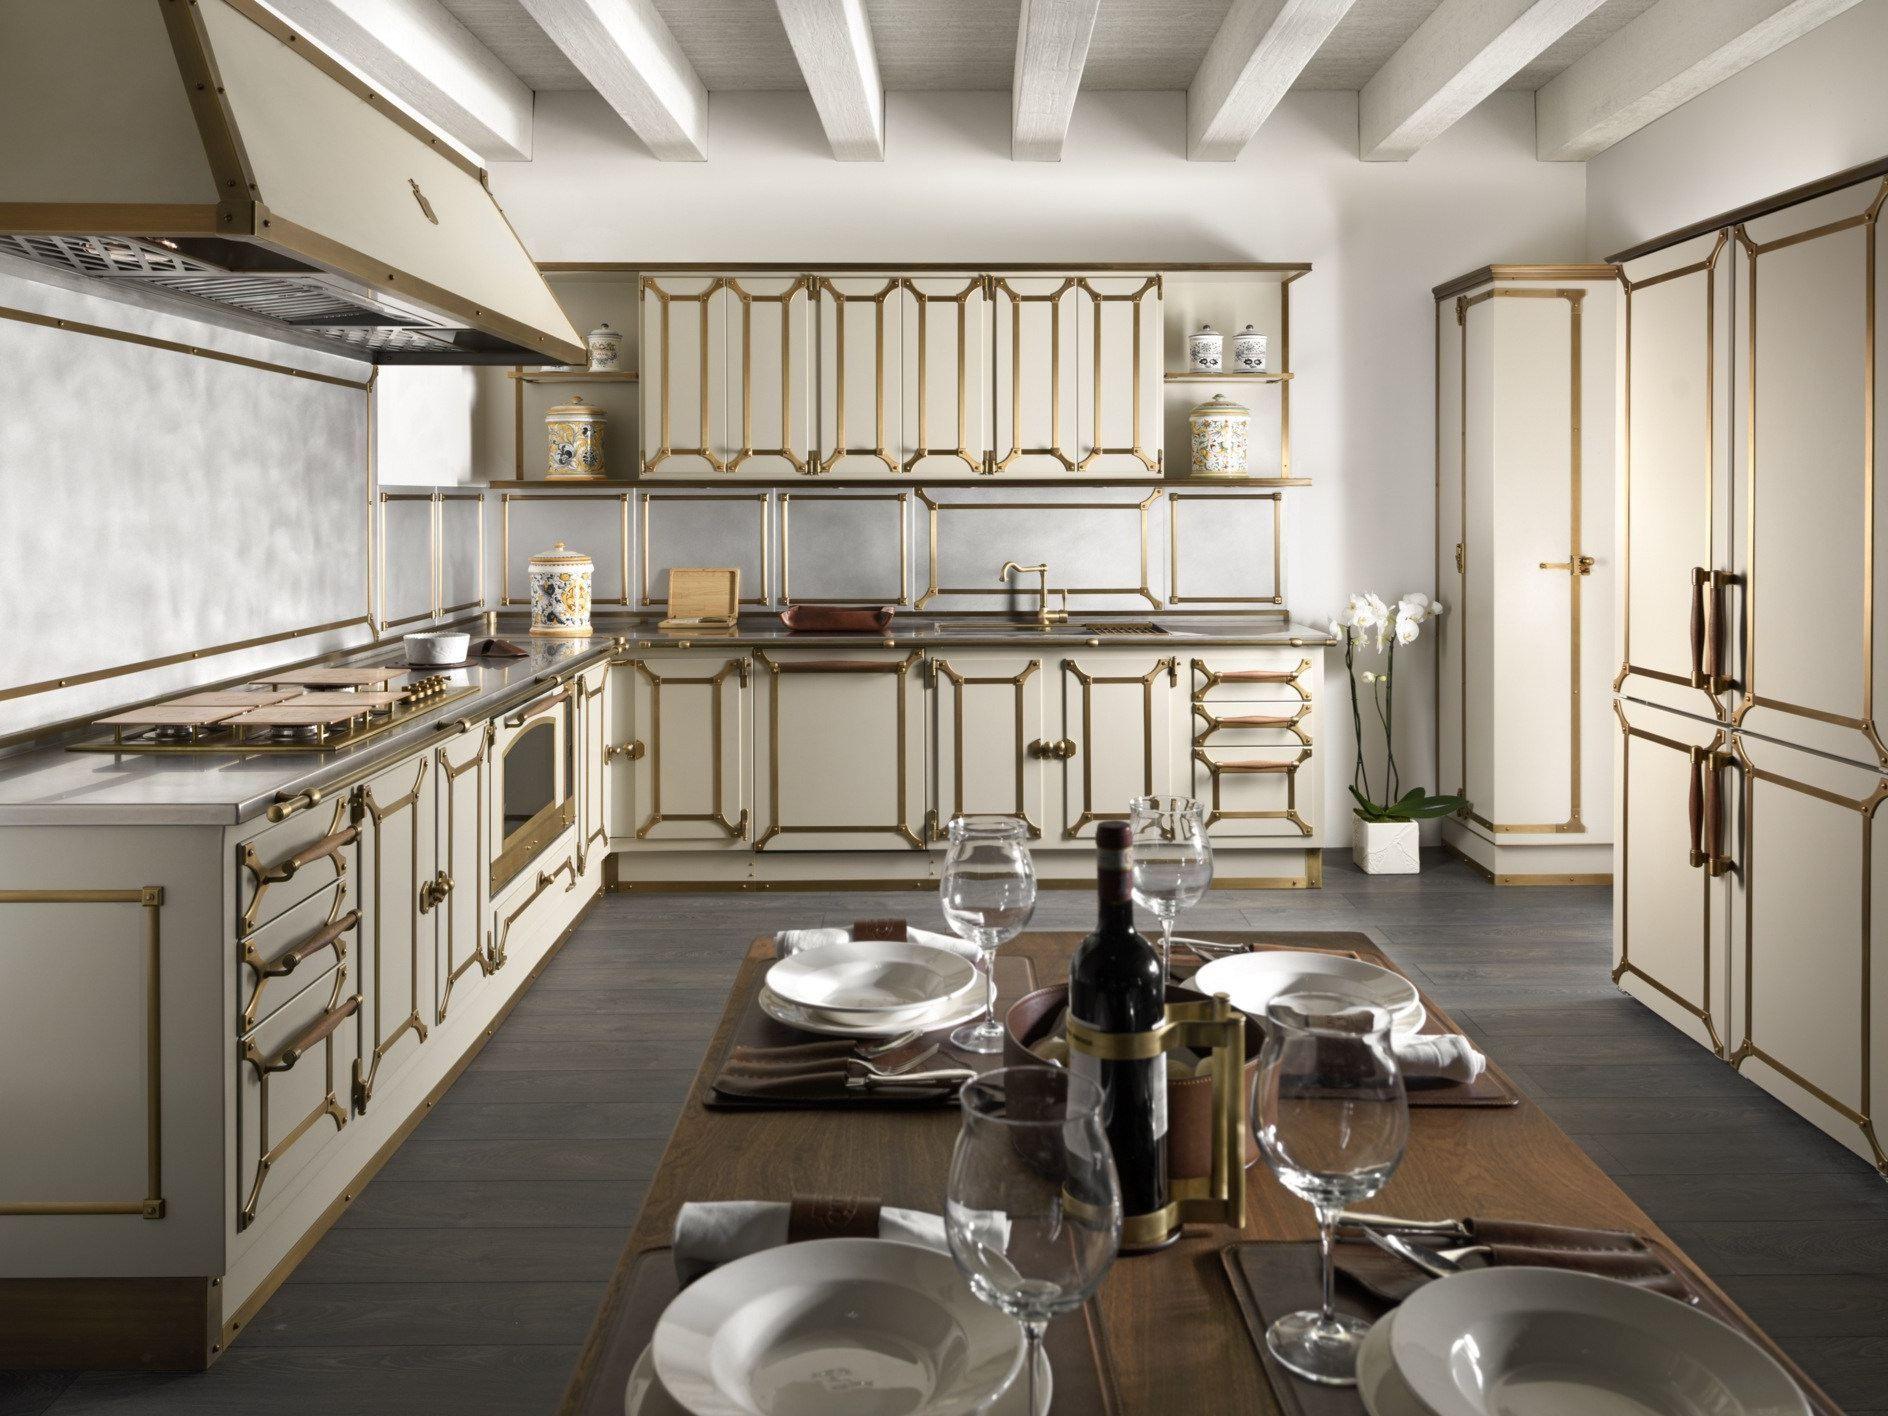 Cucina con maniglie domestic by officine gullo - Cucine gullo prezzi ...